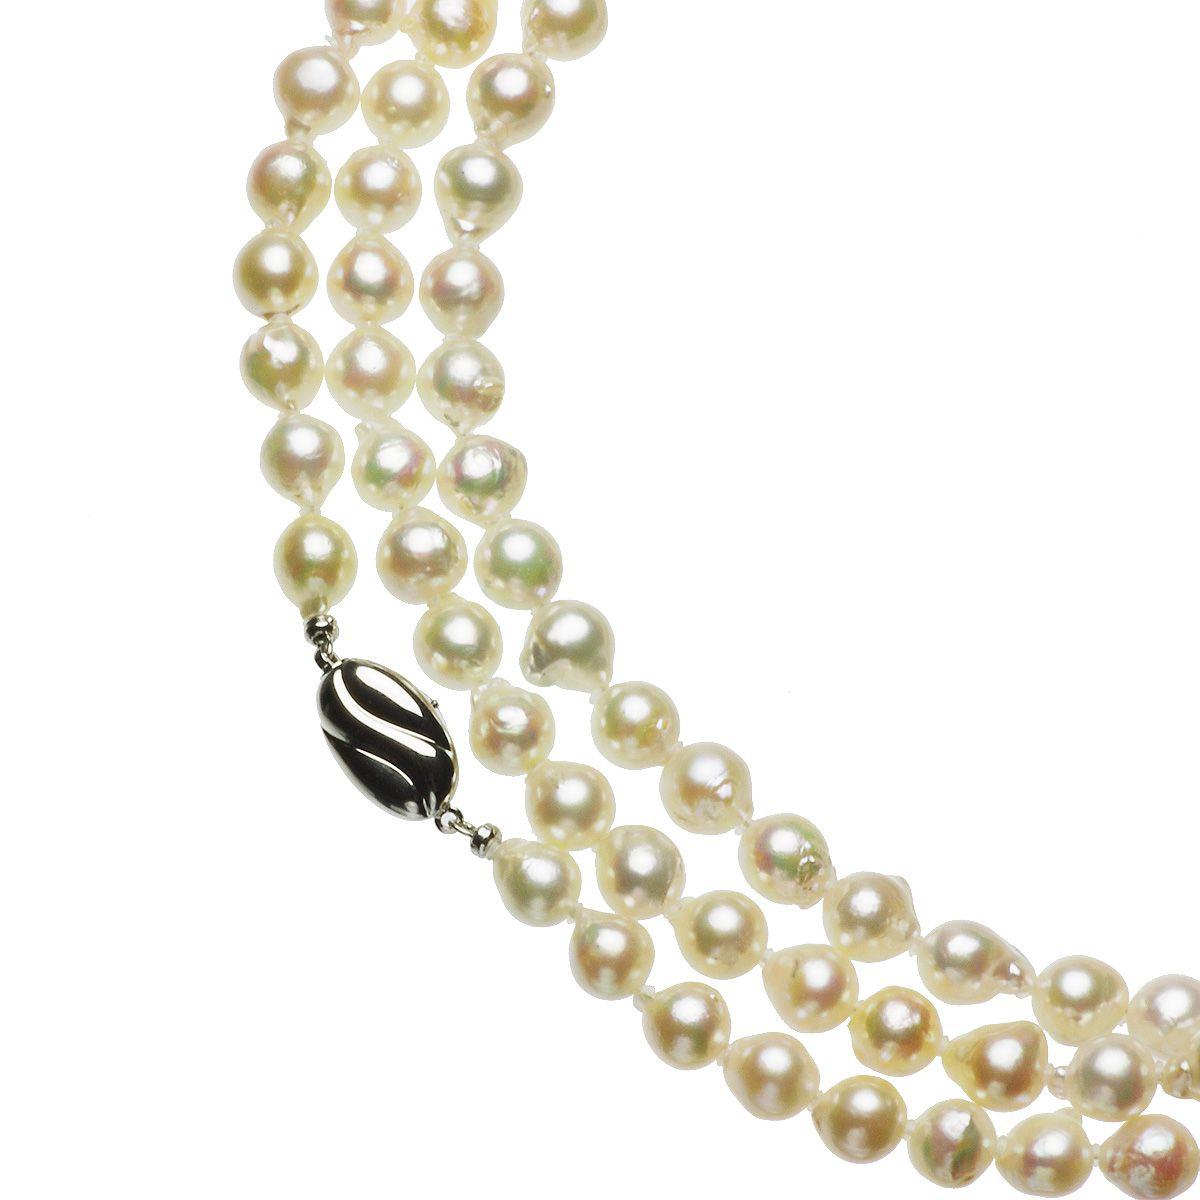 アコヤ真珠ロングネックレス 約7.5-8.0mmの写真